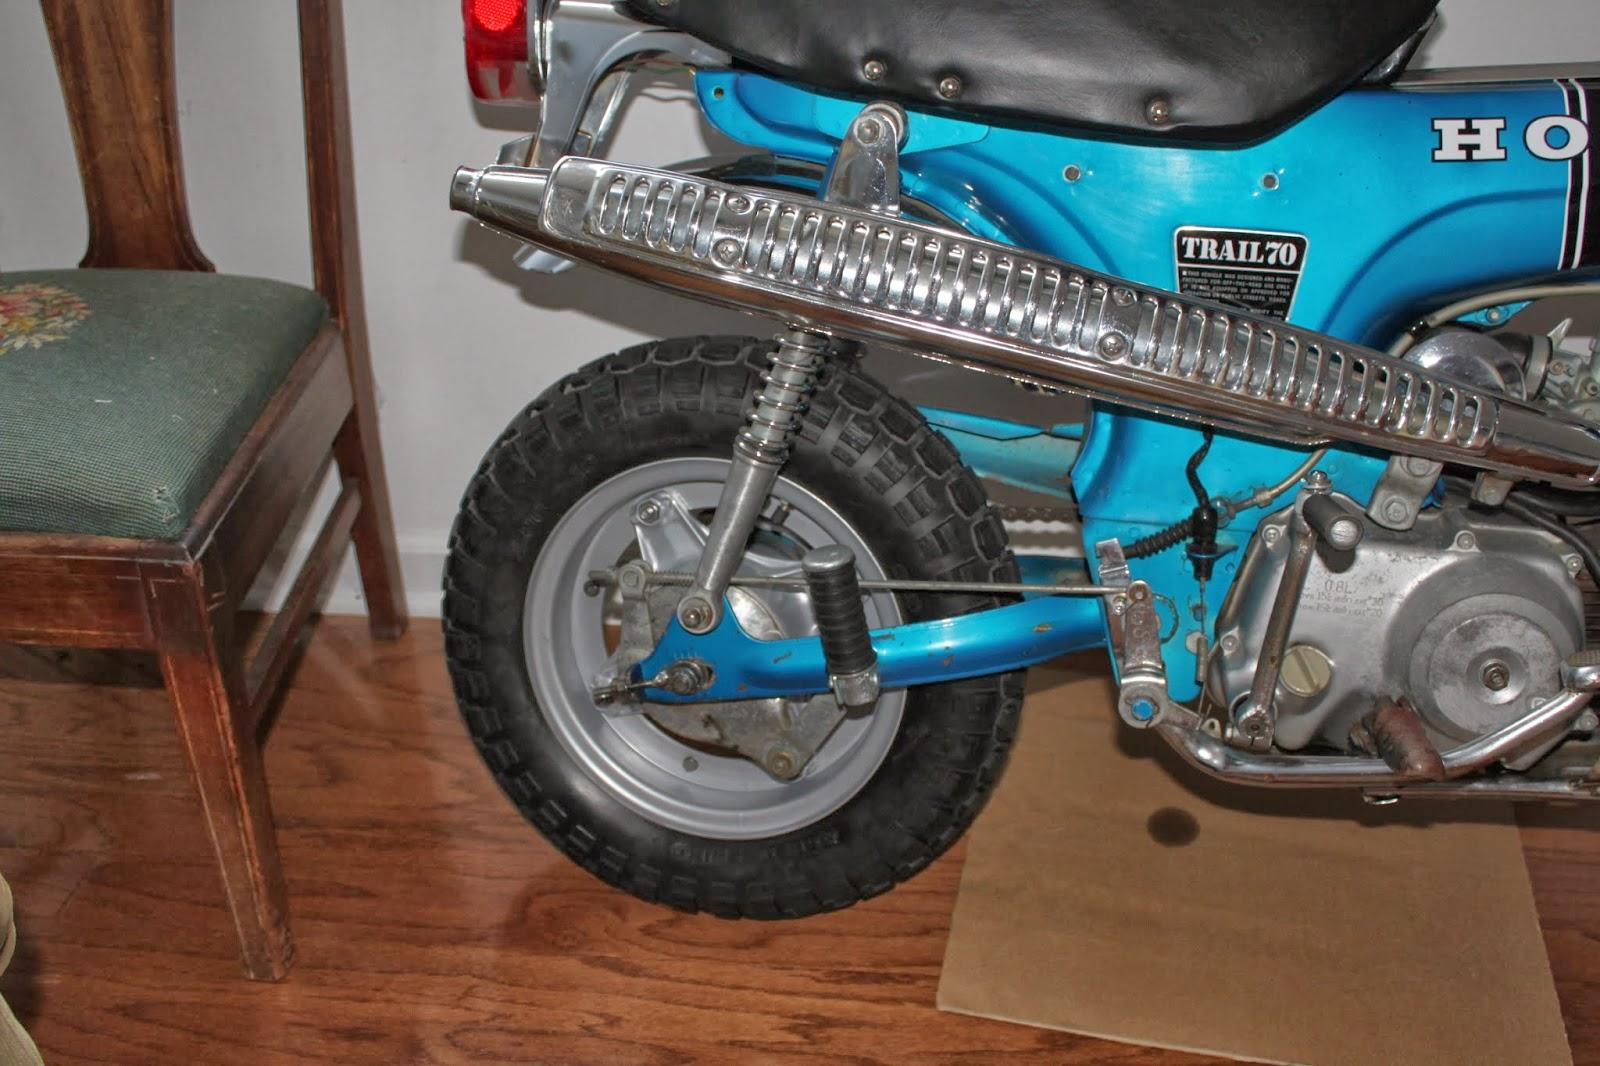 1970 Honda Ct70 Trail Bike 2000 Ann Arbor Grooshs Garage Moped